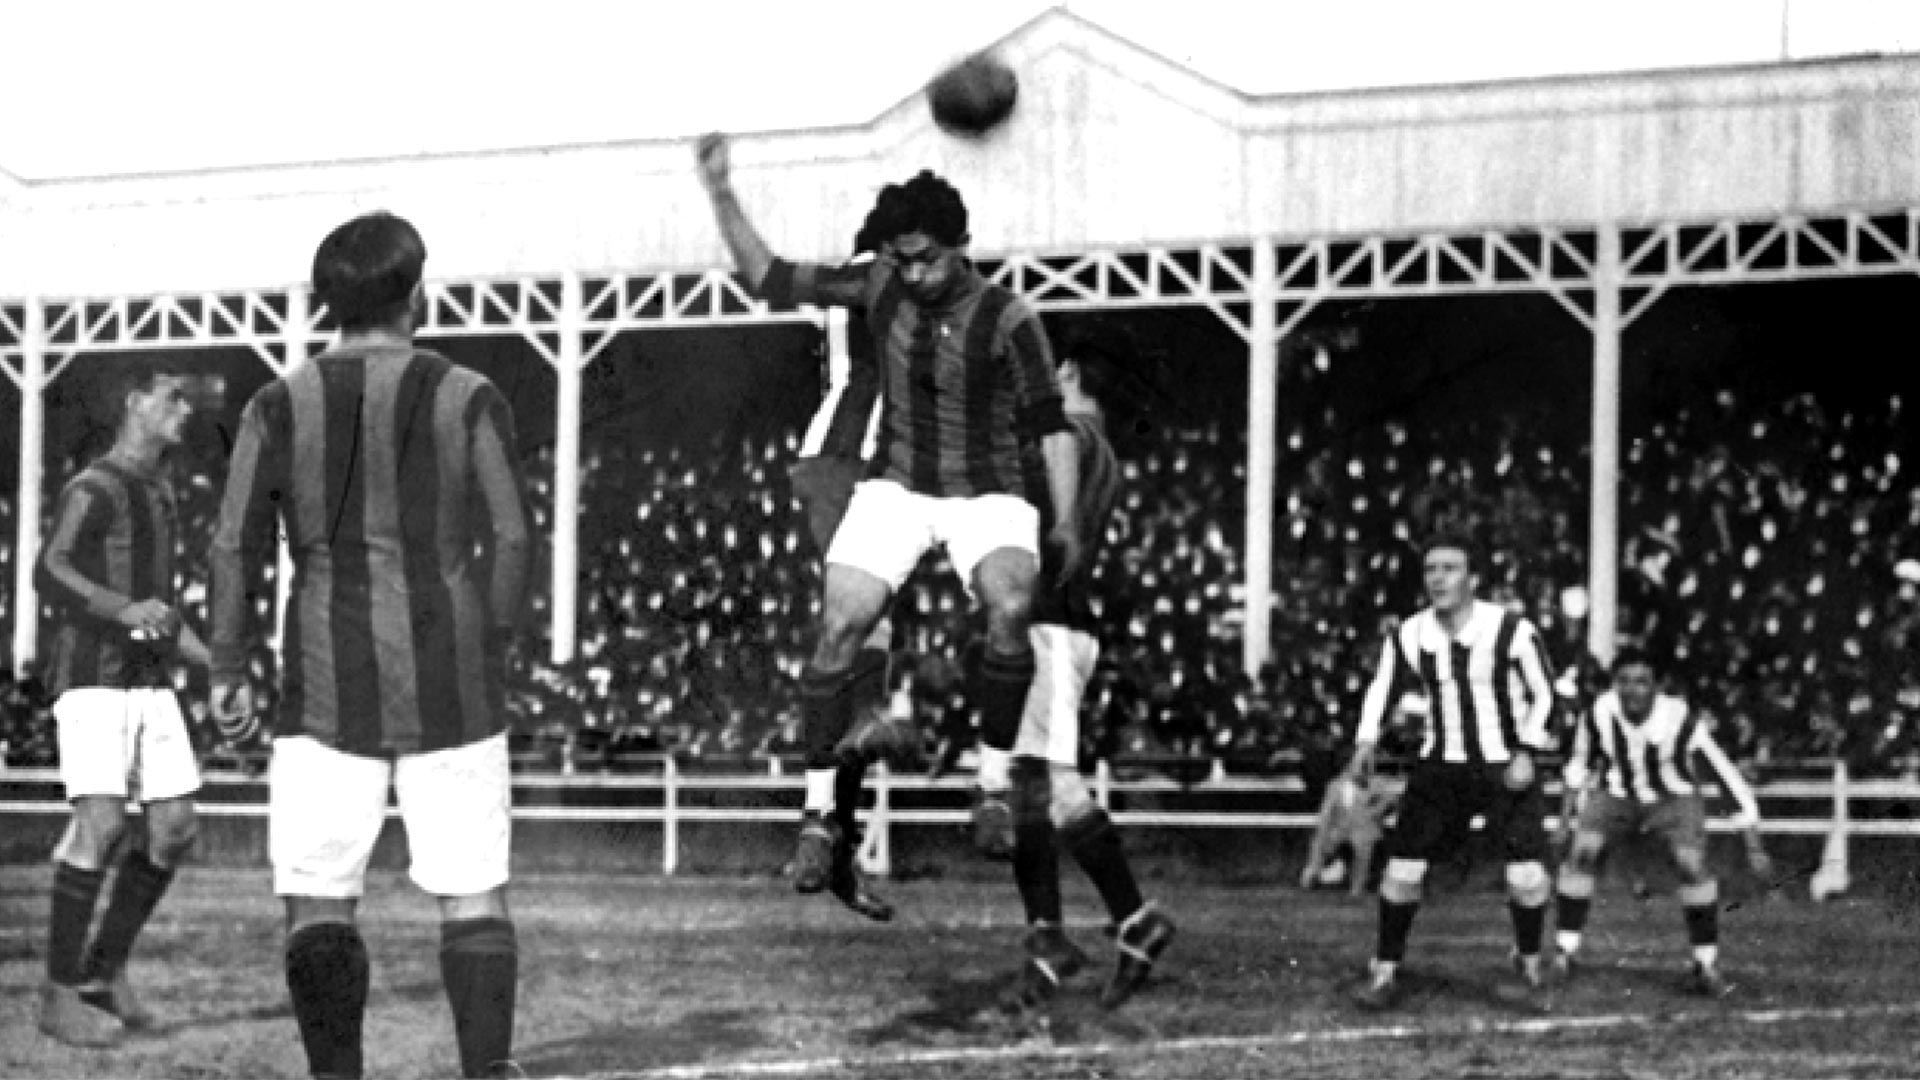 La Copa América, que se jugó en la ciudad de Buenos Aires entre el2 y el 17 de julio, contó con la participación de cuatro países: Uruguay, Chile, Brasil y Argentina. Este torneose realizaba por primera vez en la historia y tuvo algunos incidentes en el partido final en el que se enfrentaron Uruguay y Argentina. Con un empate, el campeonato quedó para los uruguayos.